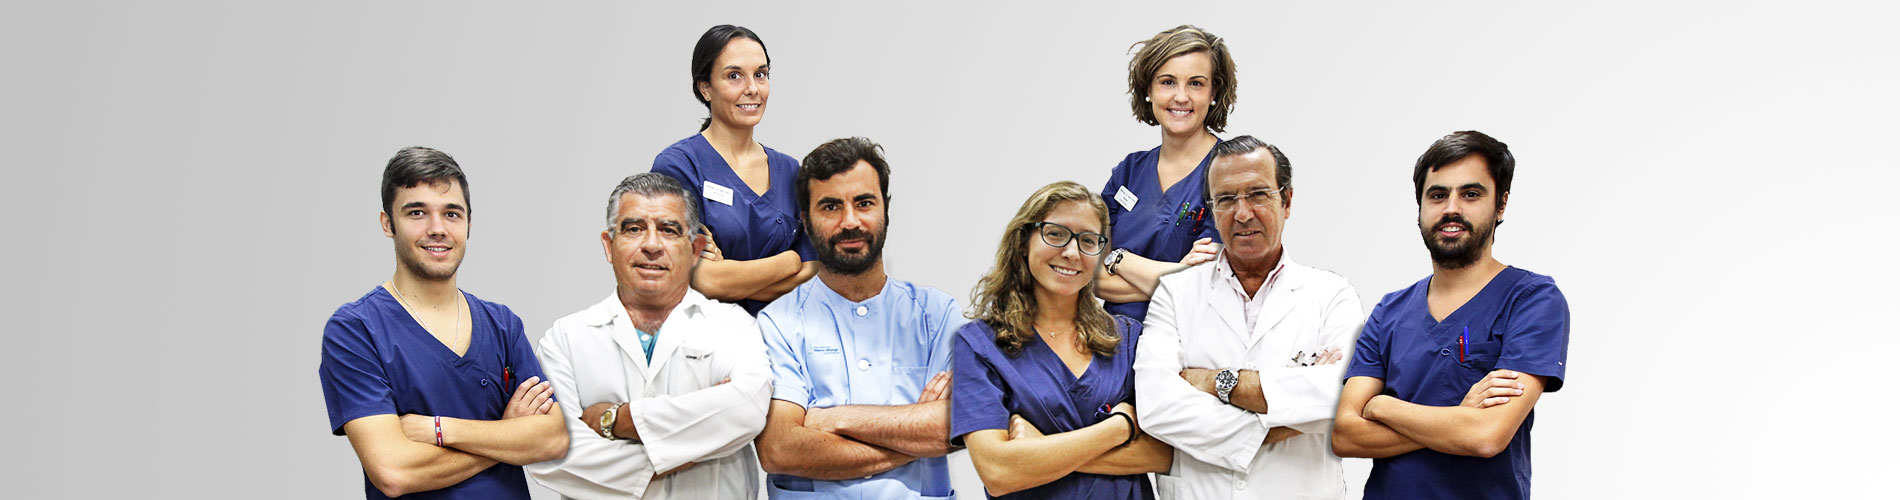 Equipo médico clinica rehberger